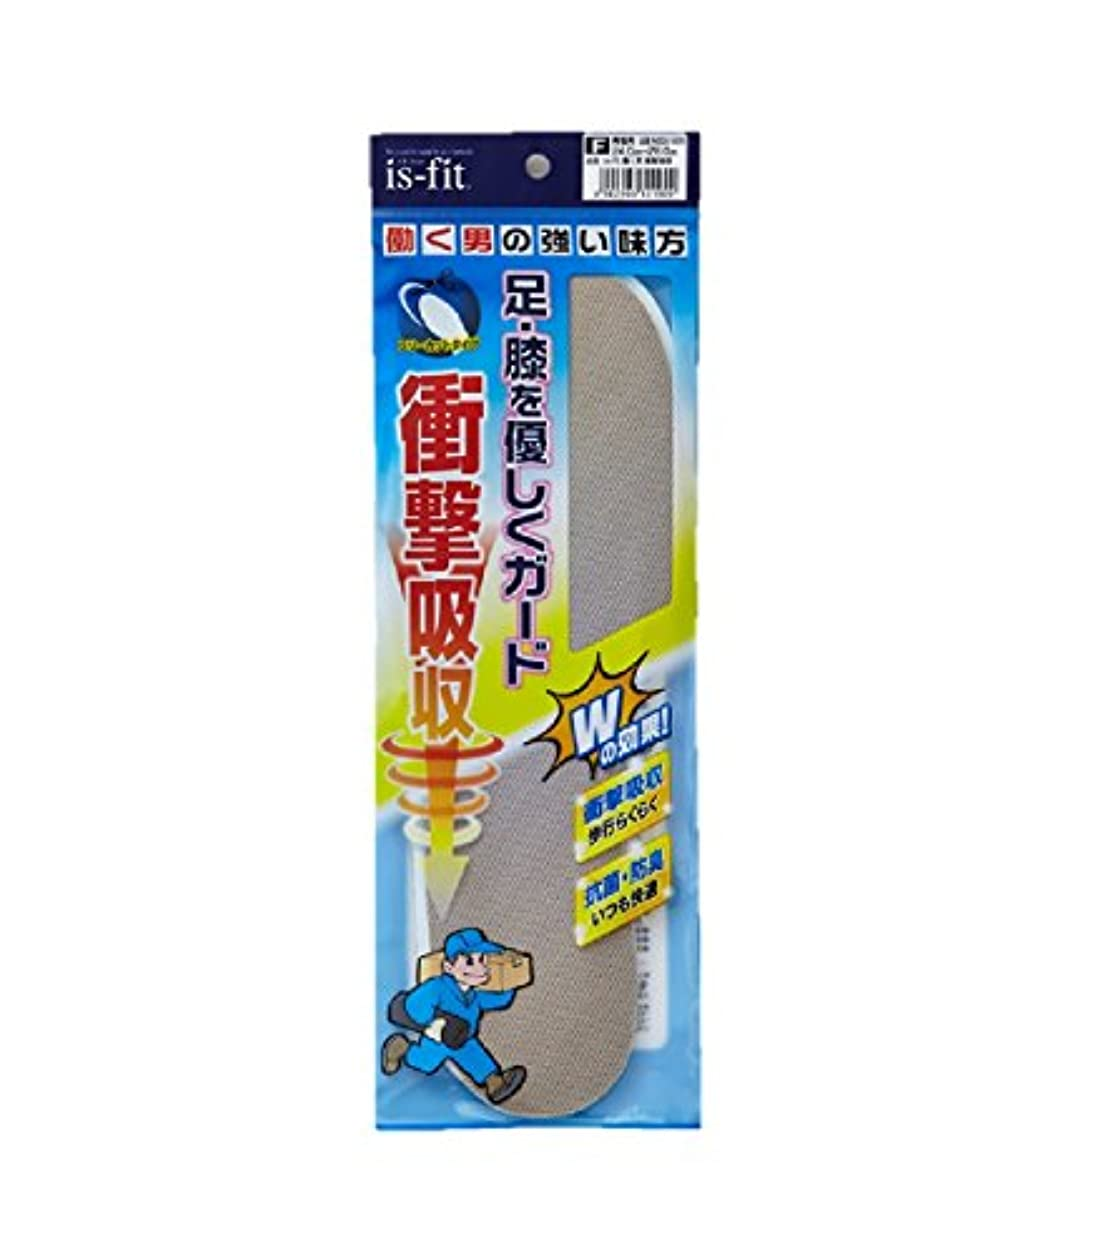 歯本質的ではないバックグラウンドis-fit 働く男 衝撃吸収インソール 25.0~28.0cm 男性用